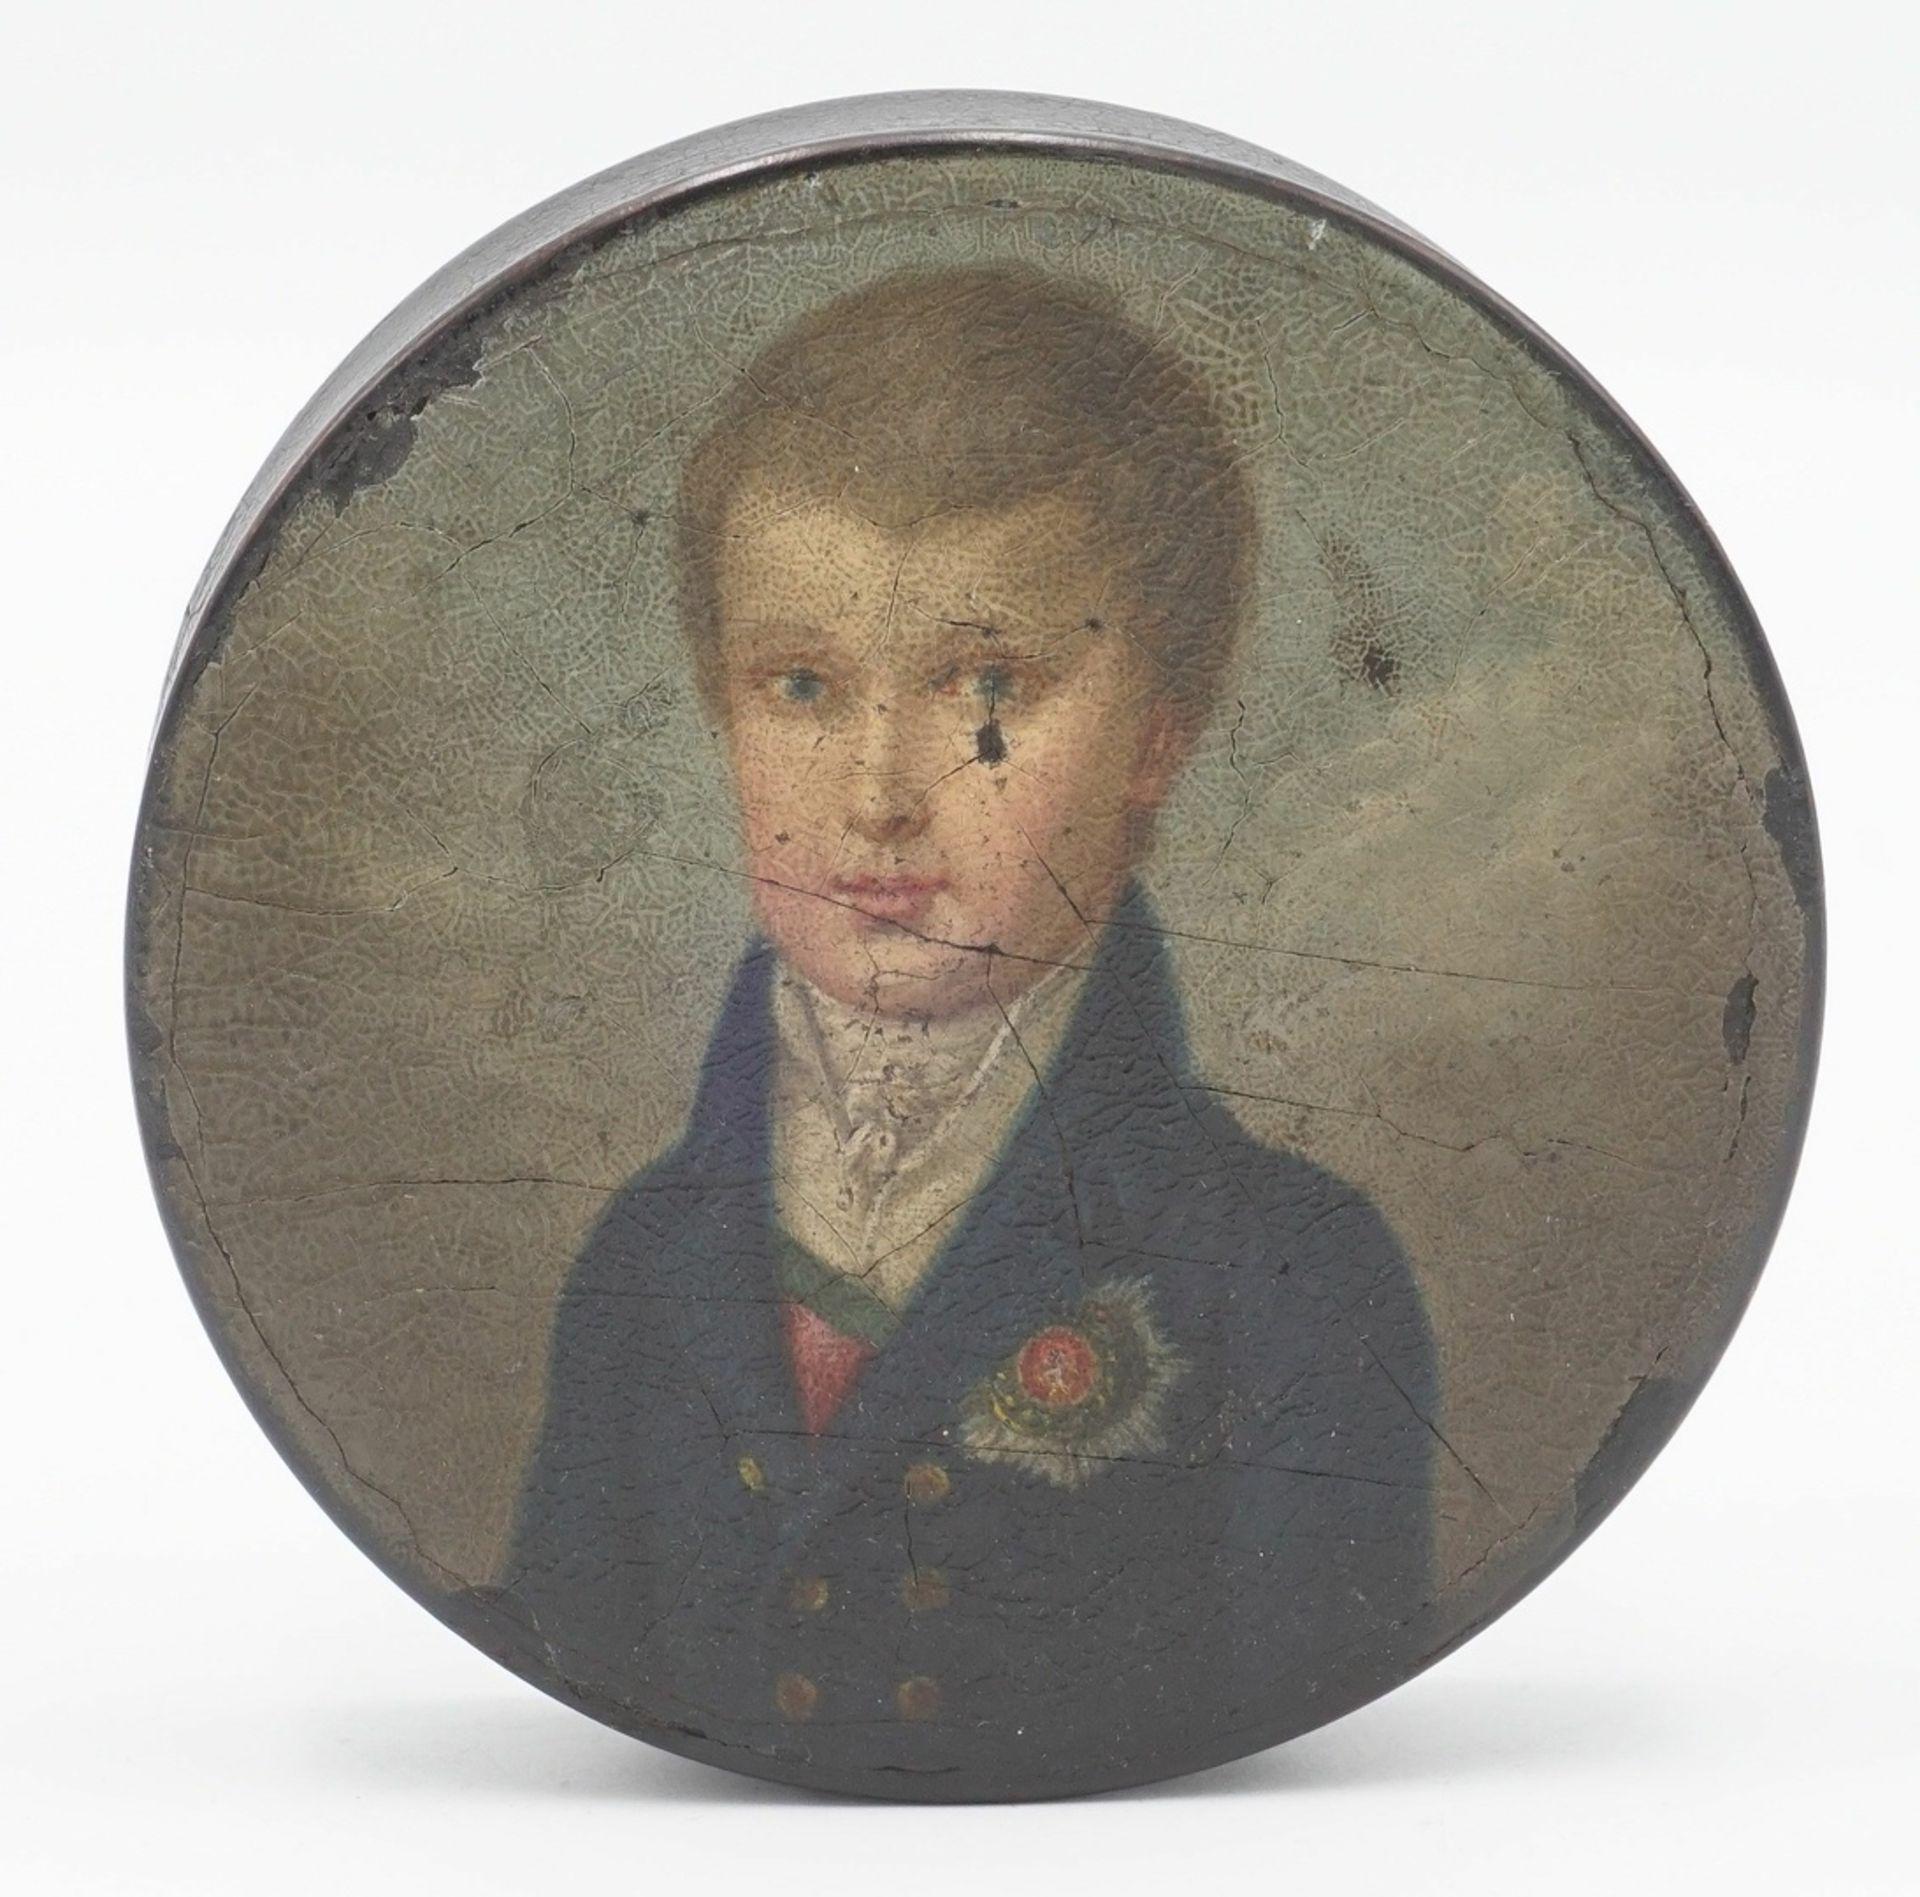 Schnupftabakdose mit Porträt eines preußischen Knaben mit Bruststern, um 1820 - Bild 2 aus 4